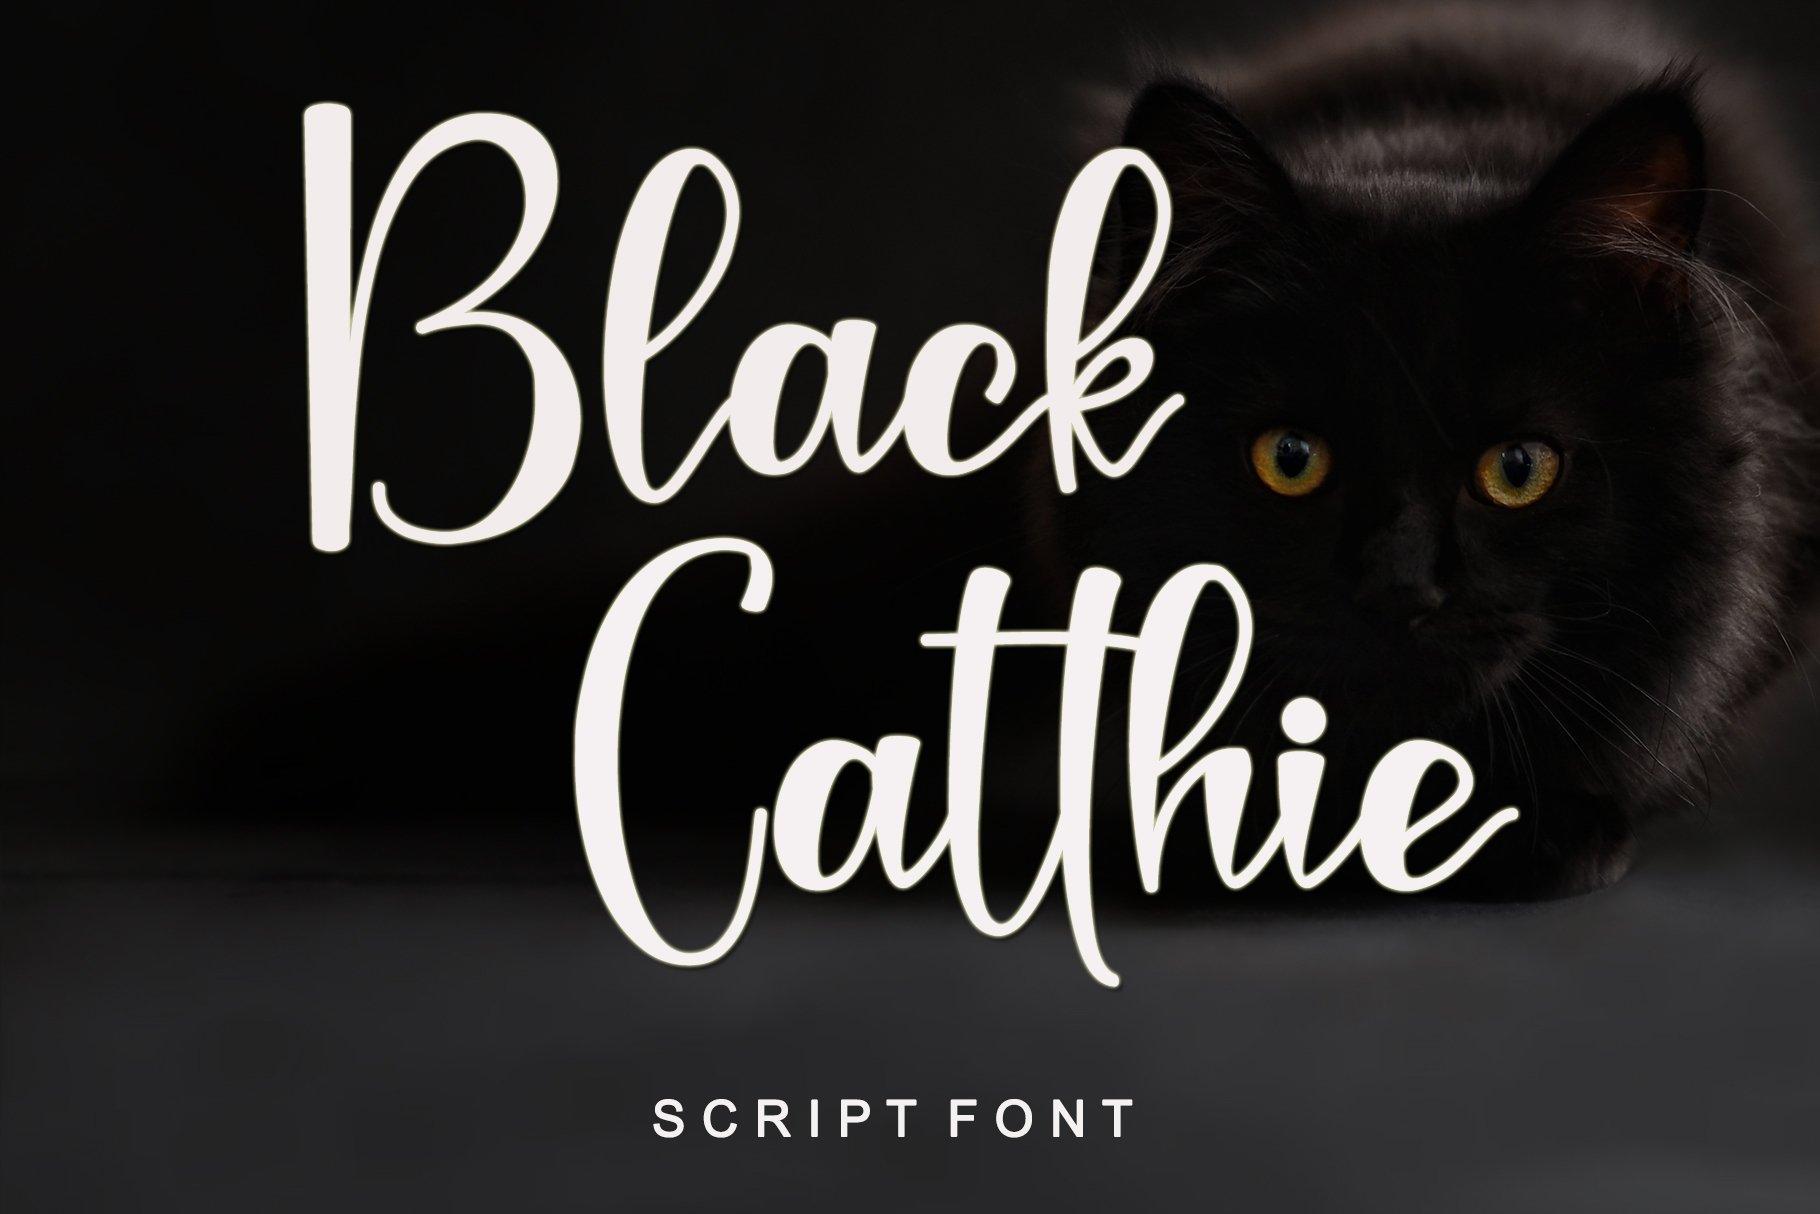 Black Catthie Font